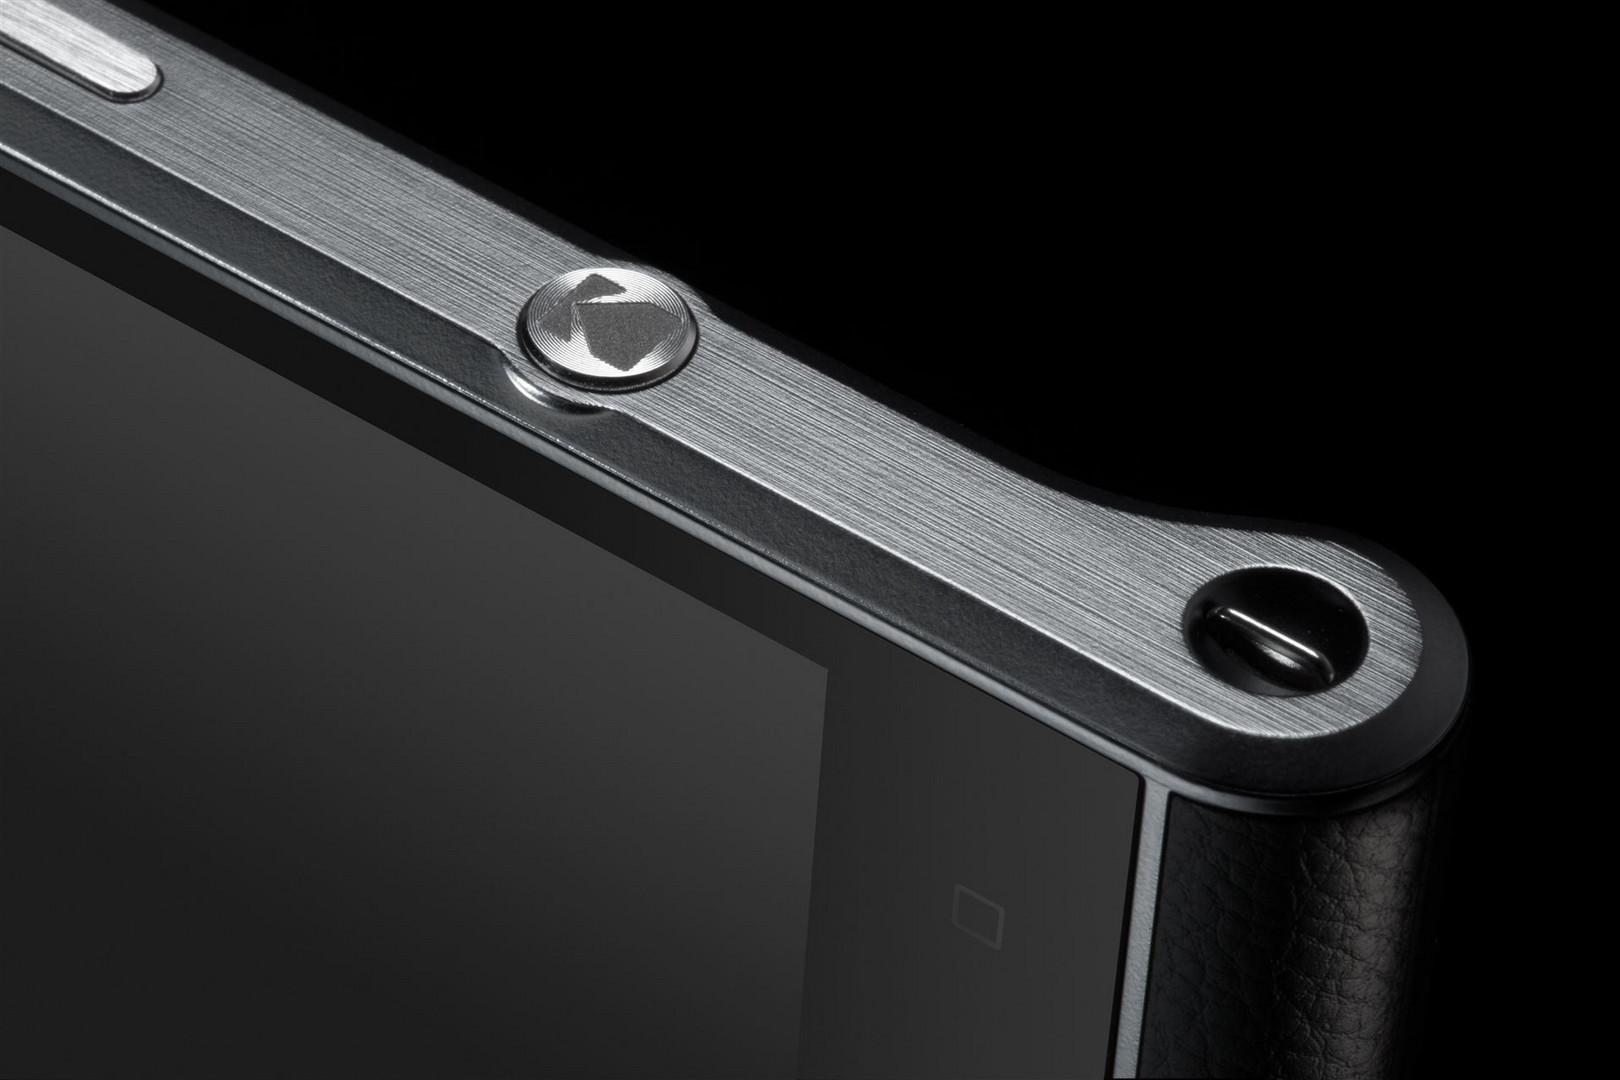 самых смартфоны с кнопкой фотокамеры сбоку фаянс, другую